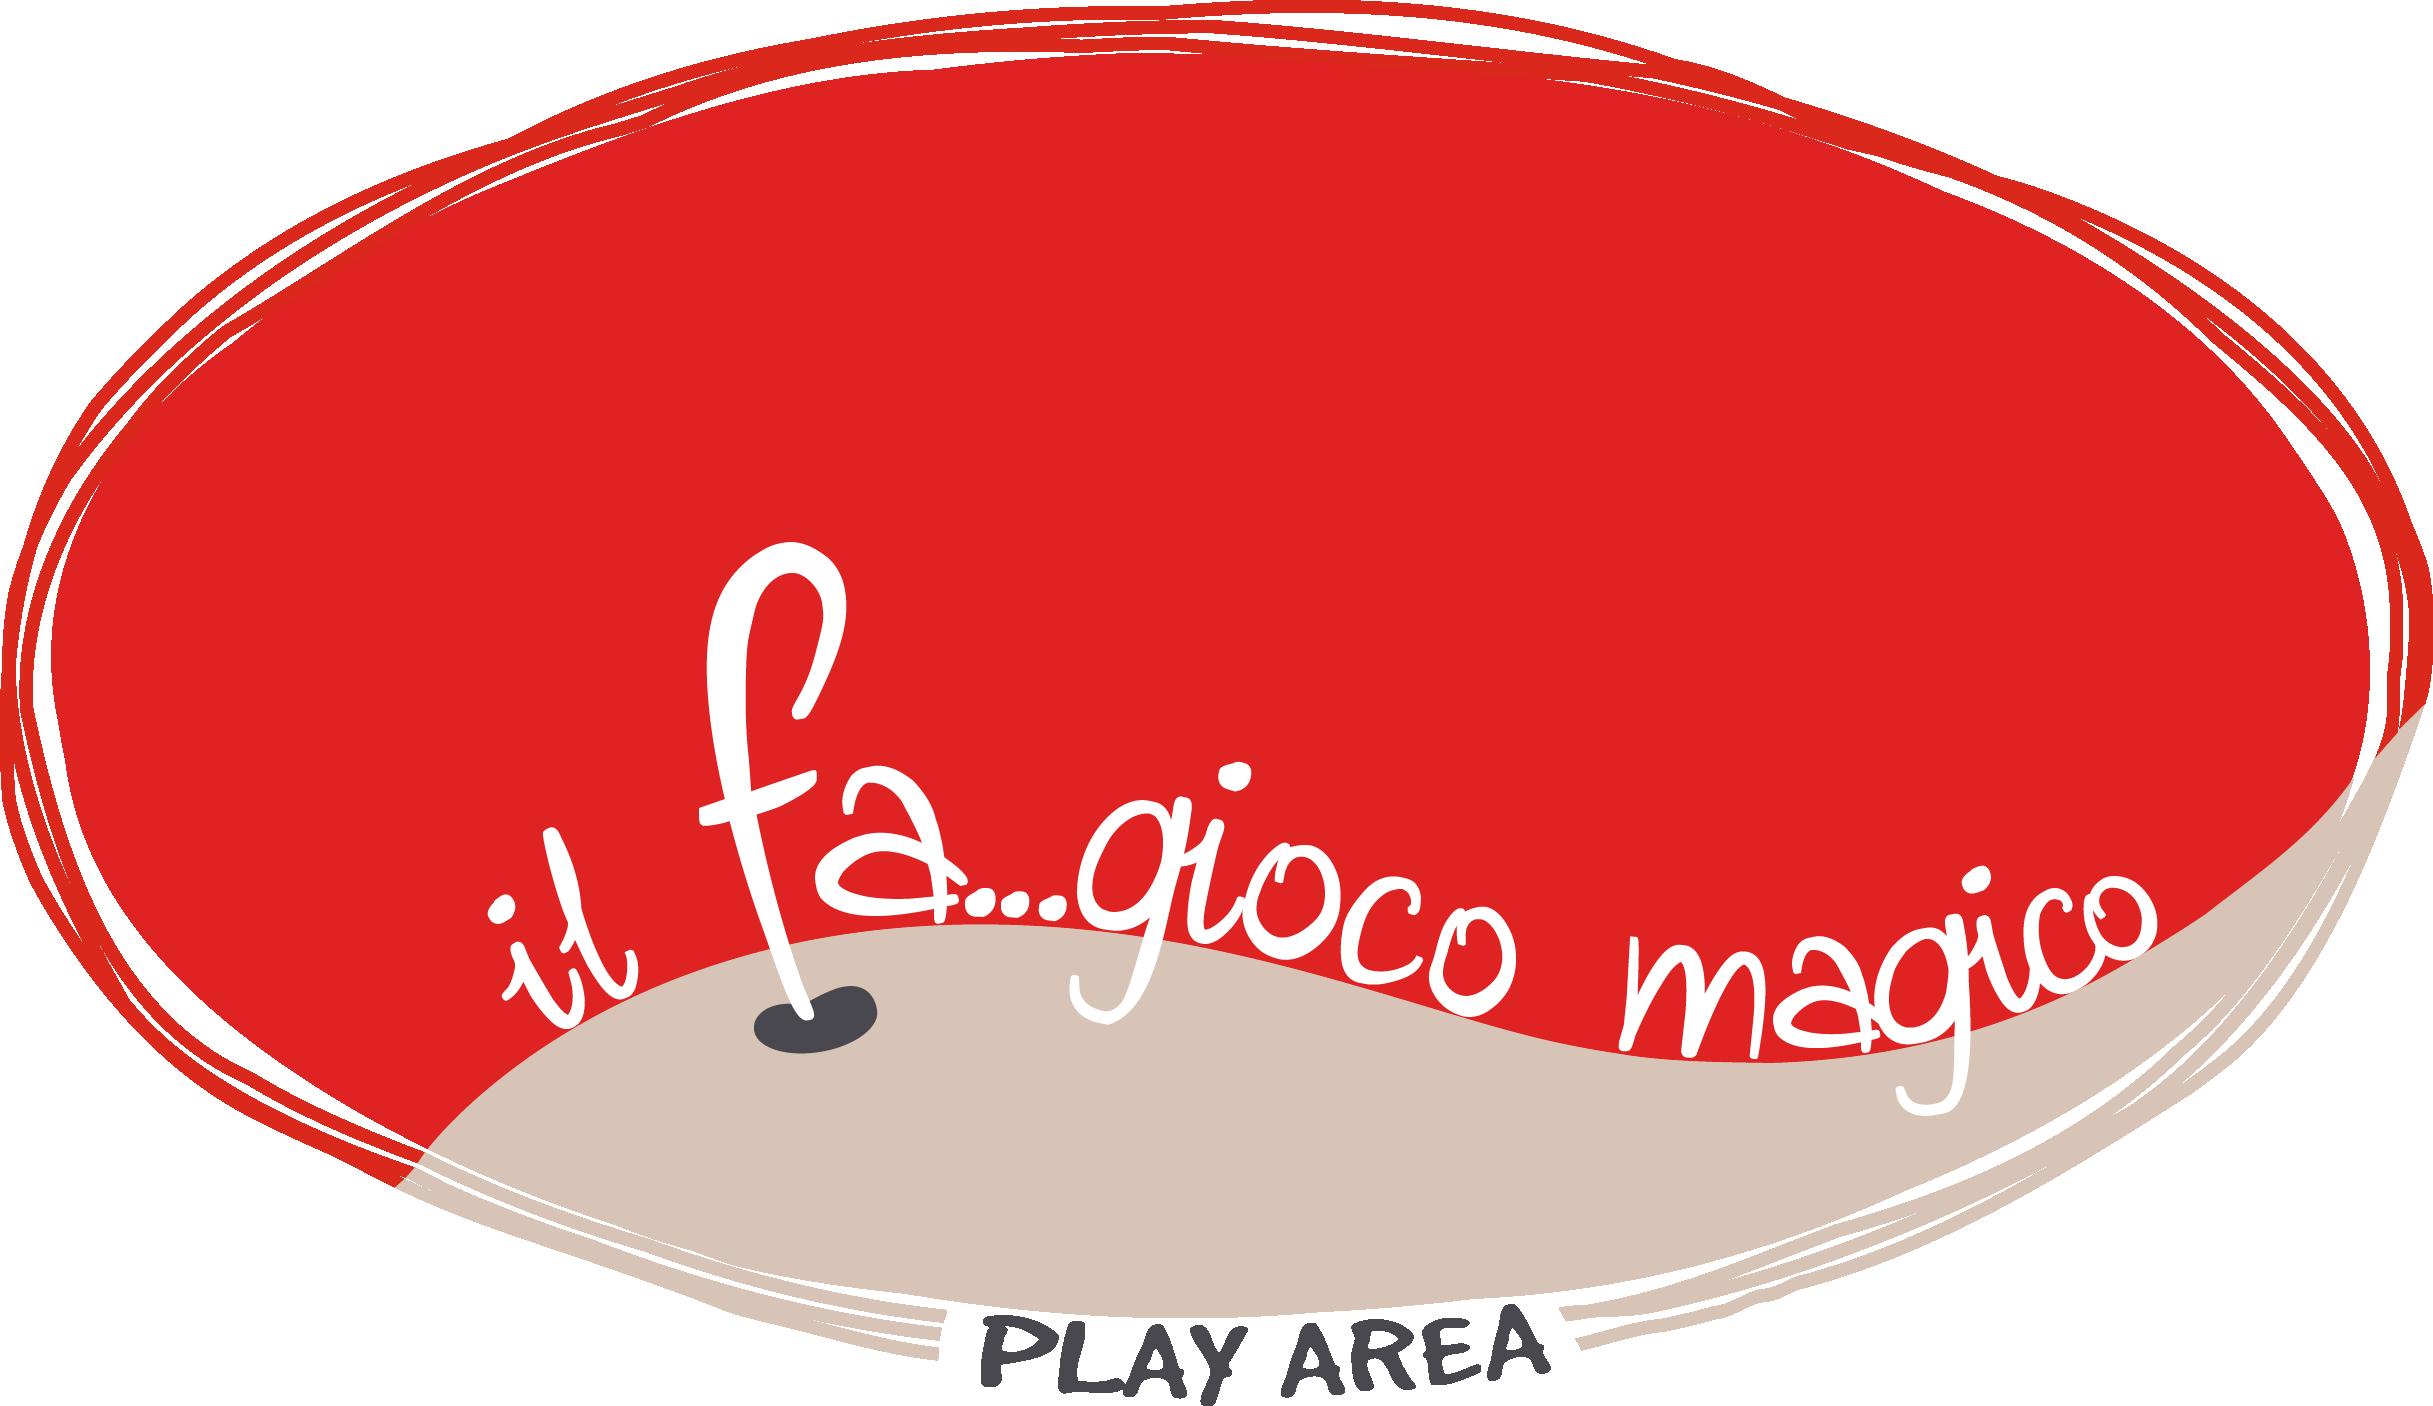 ilfagiolo magico_RGB_trasp_play.png